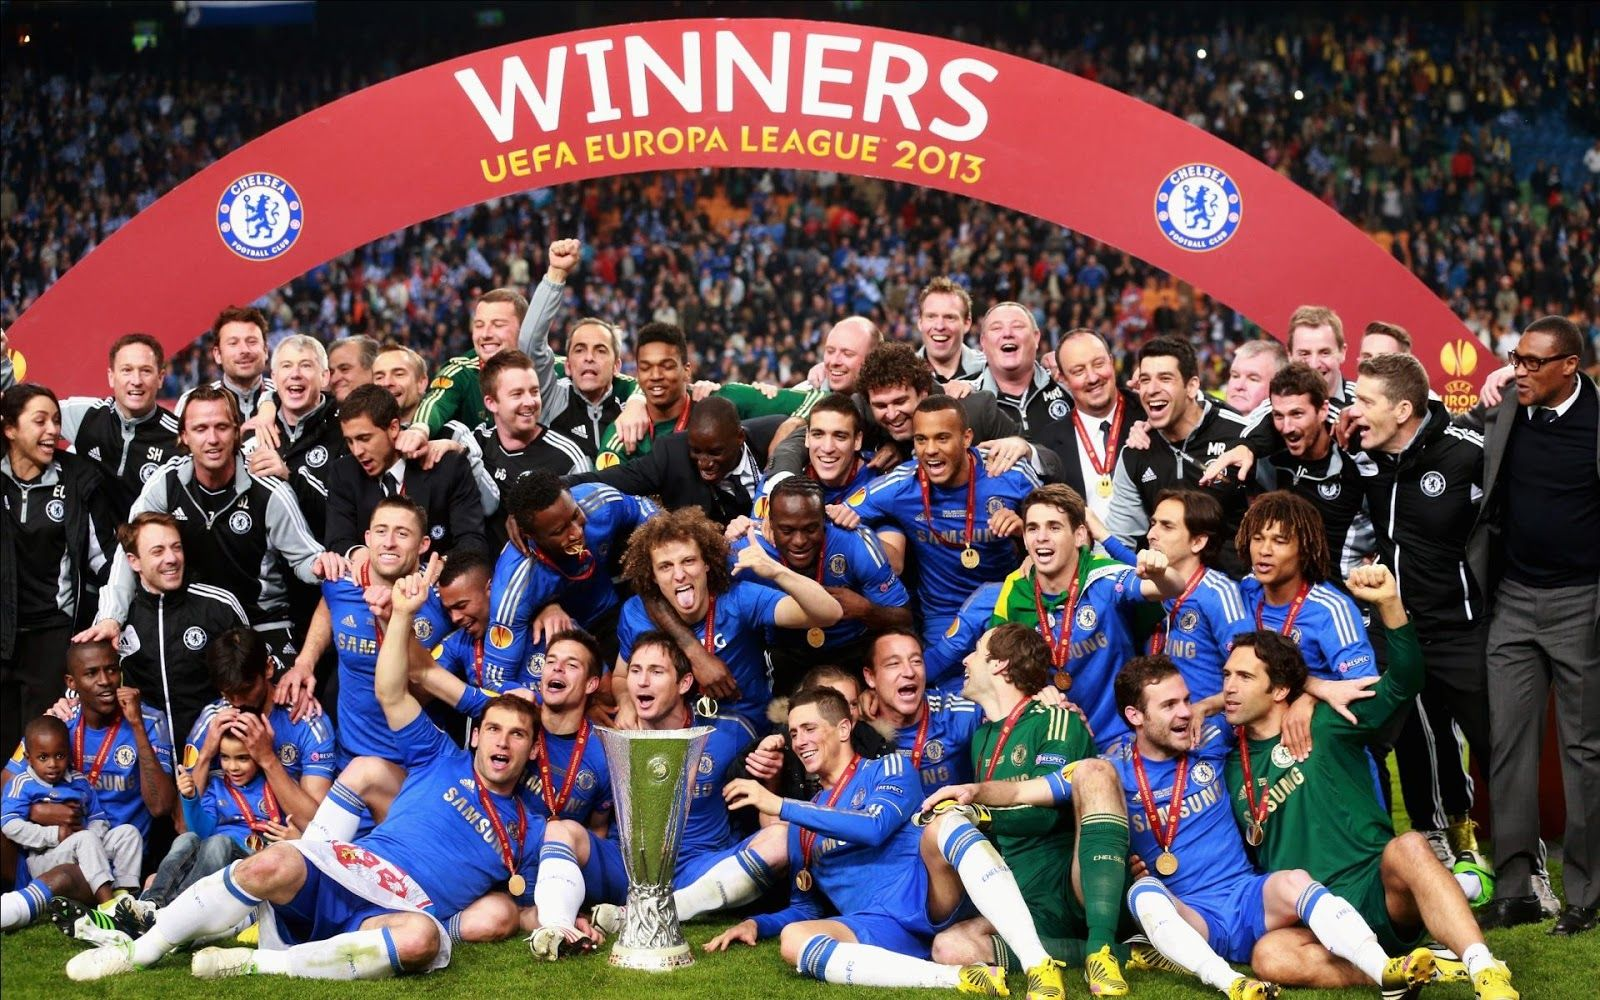 футбол 1 Wallpaper: Watch More Like Chelsea Fc Champions League Wallpaper